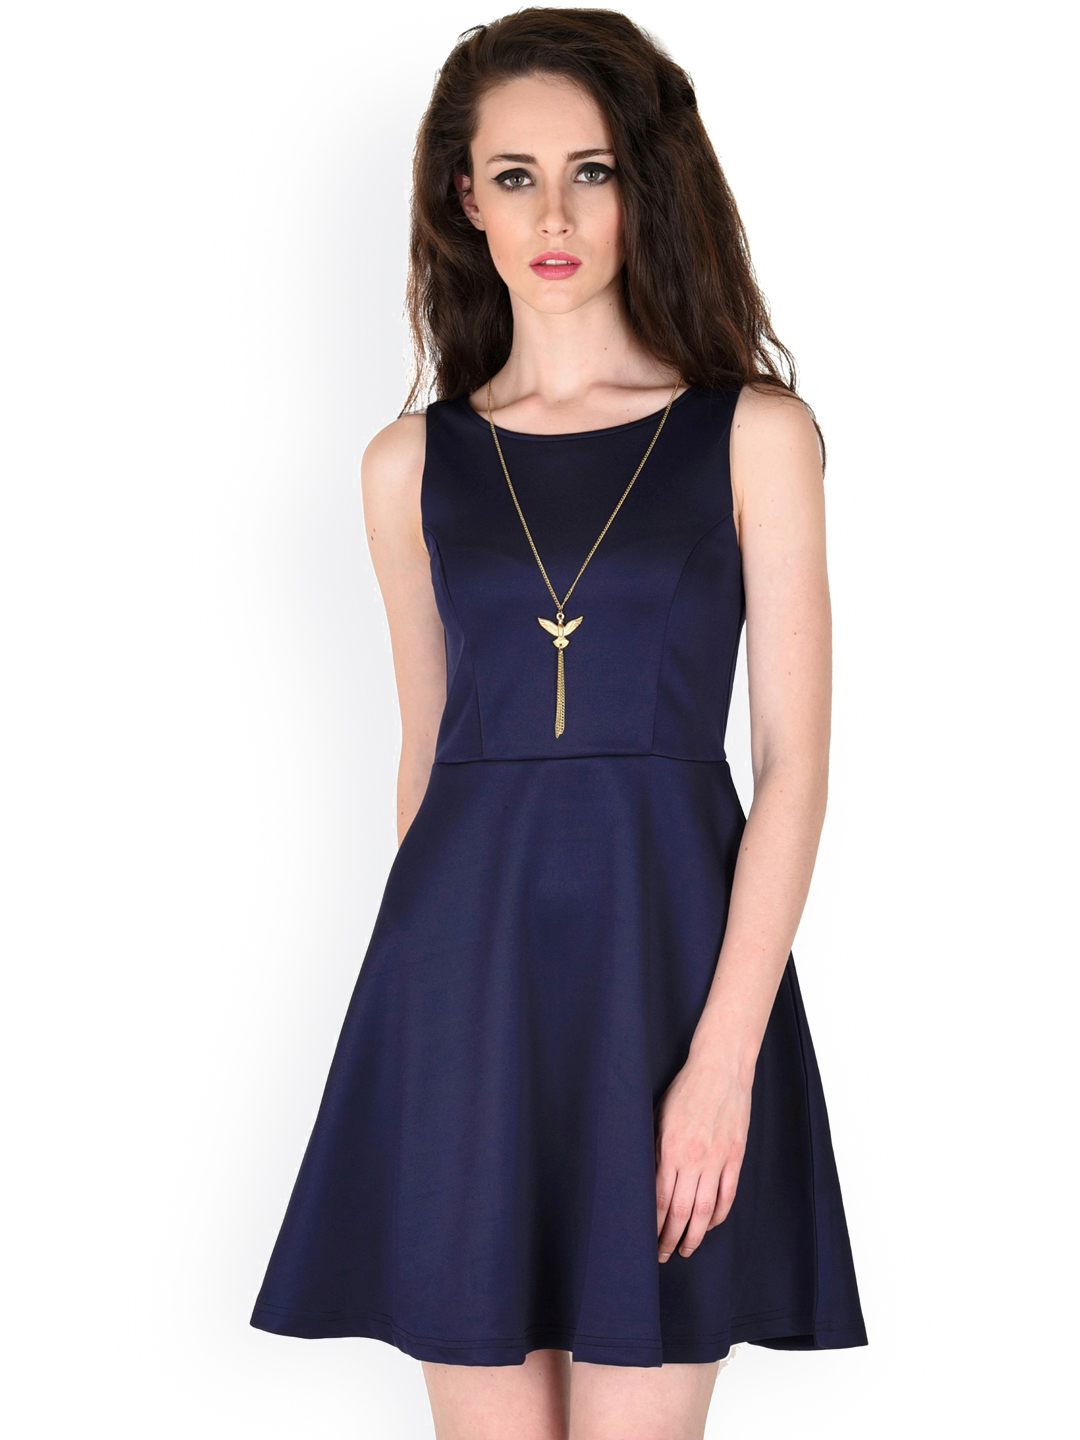 A Modal in Navy Blue Sassafras Skater Dress